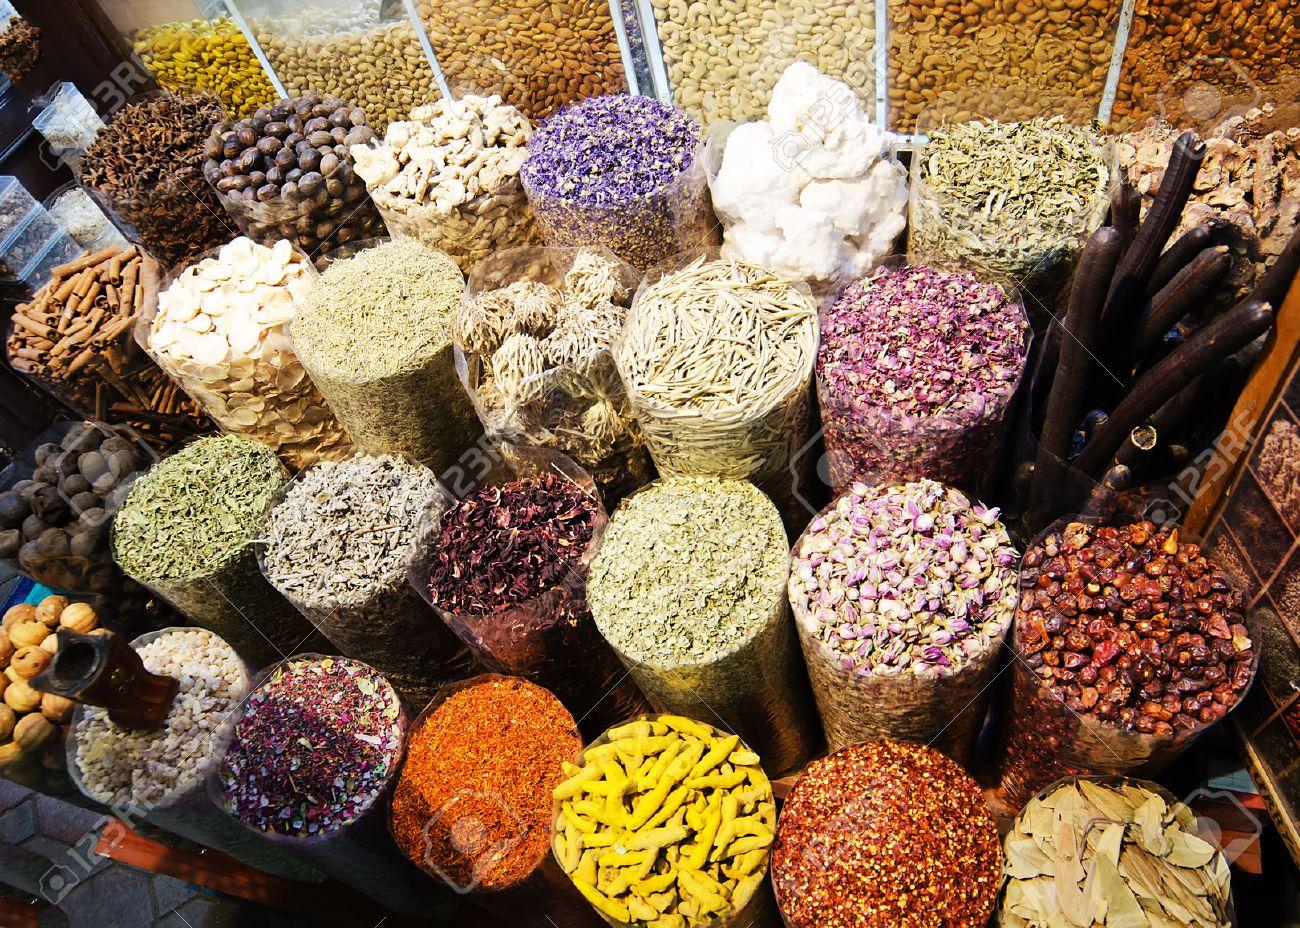 Spices in bazaar of Dubai, United Arab Emirates - 26406509